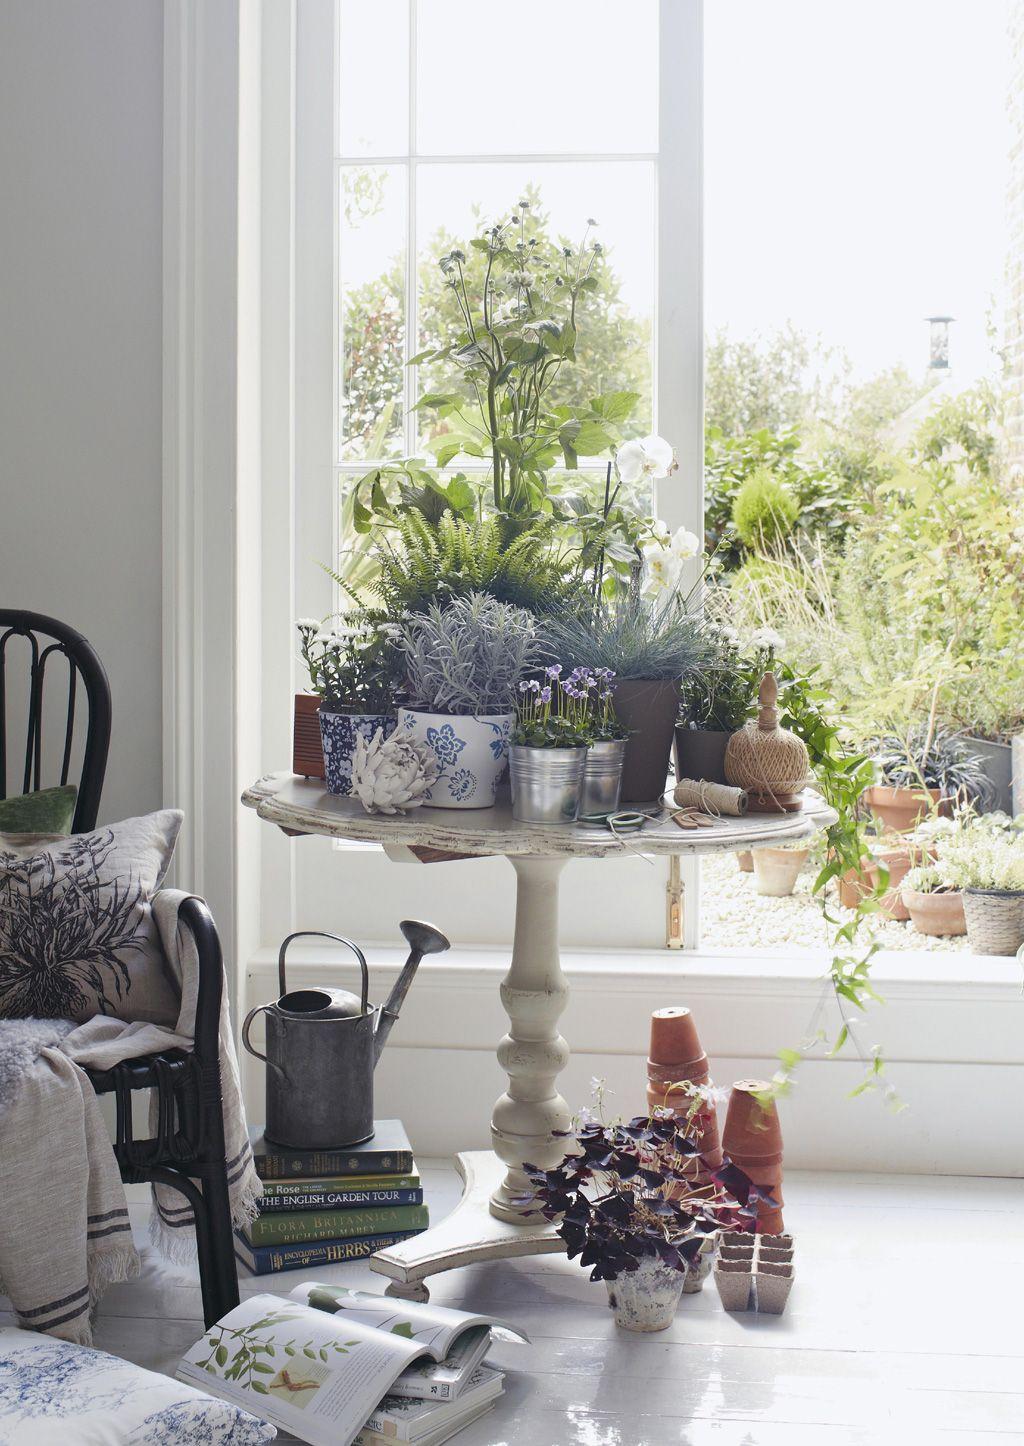 ikea indoor garden